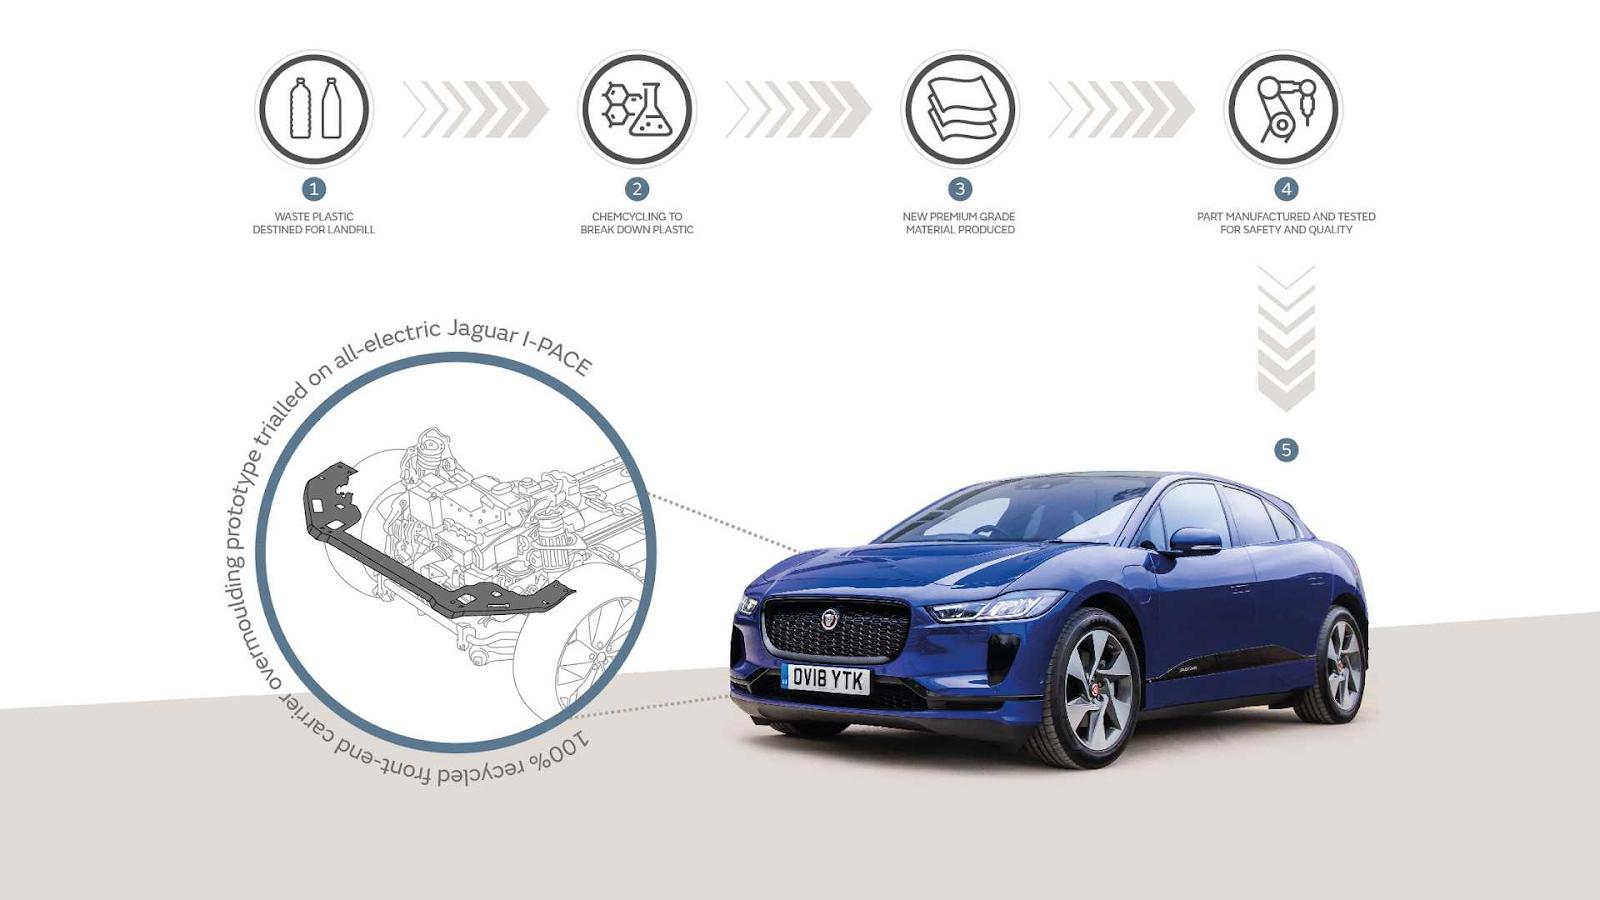 Створення приладових панелей нового покоління і зовнішніх деталей кузова I-PACE